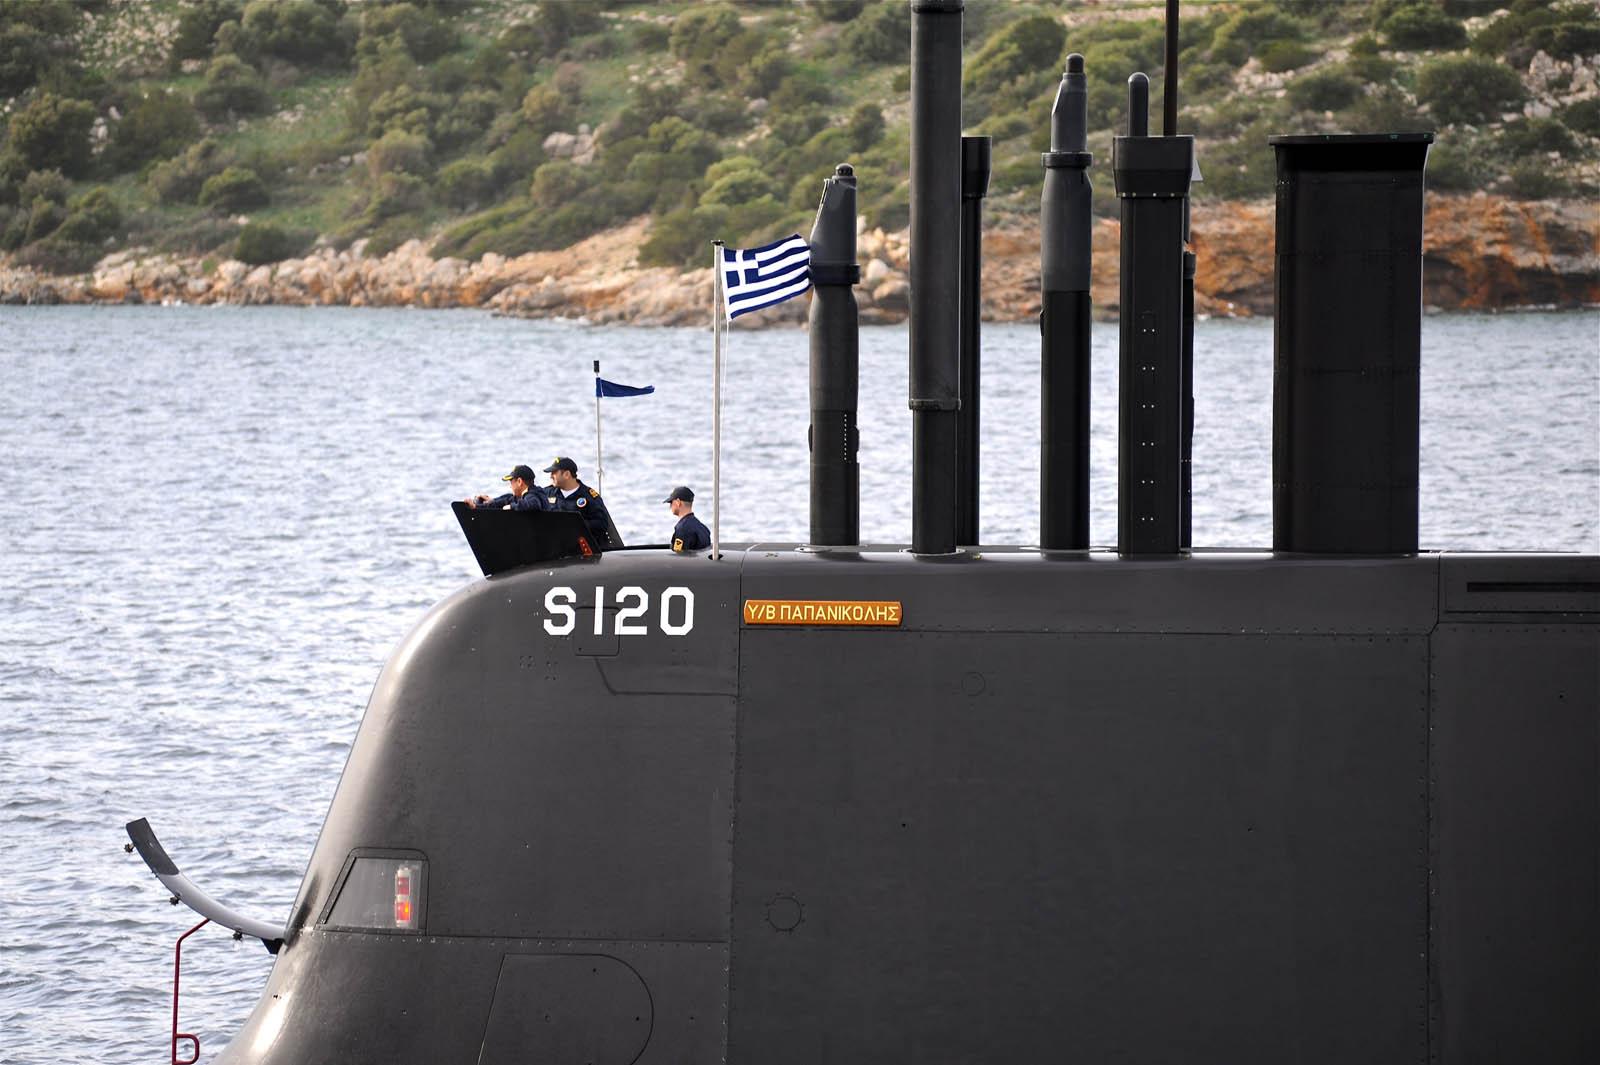 Η ιστορία των καινοτόμων «μαφιόζων» του Πολεμικού Ναυτικού που έδωσαν ζωή στα υποβρύχια 214